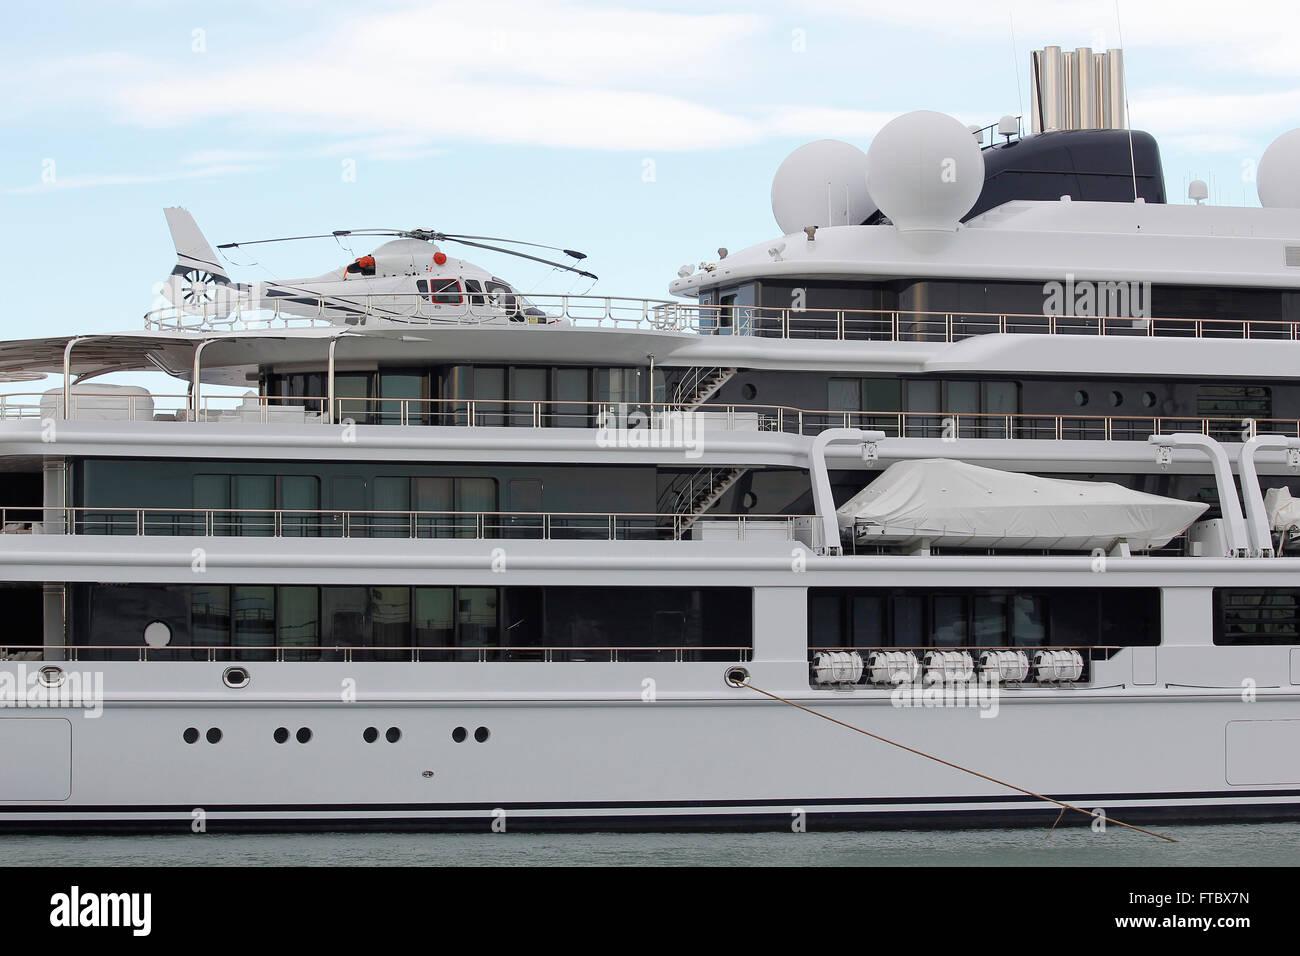 luxus yacht mit hubschrauber vor anker am hafen stockfoto bild 101065657 alamy. Black Bedroom Furniture Sets. Home Design Ideas